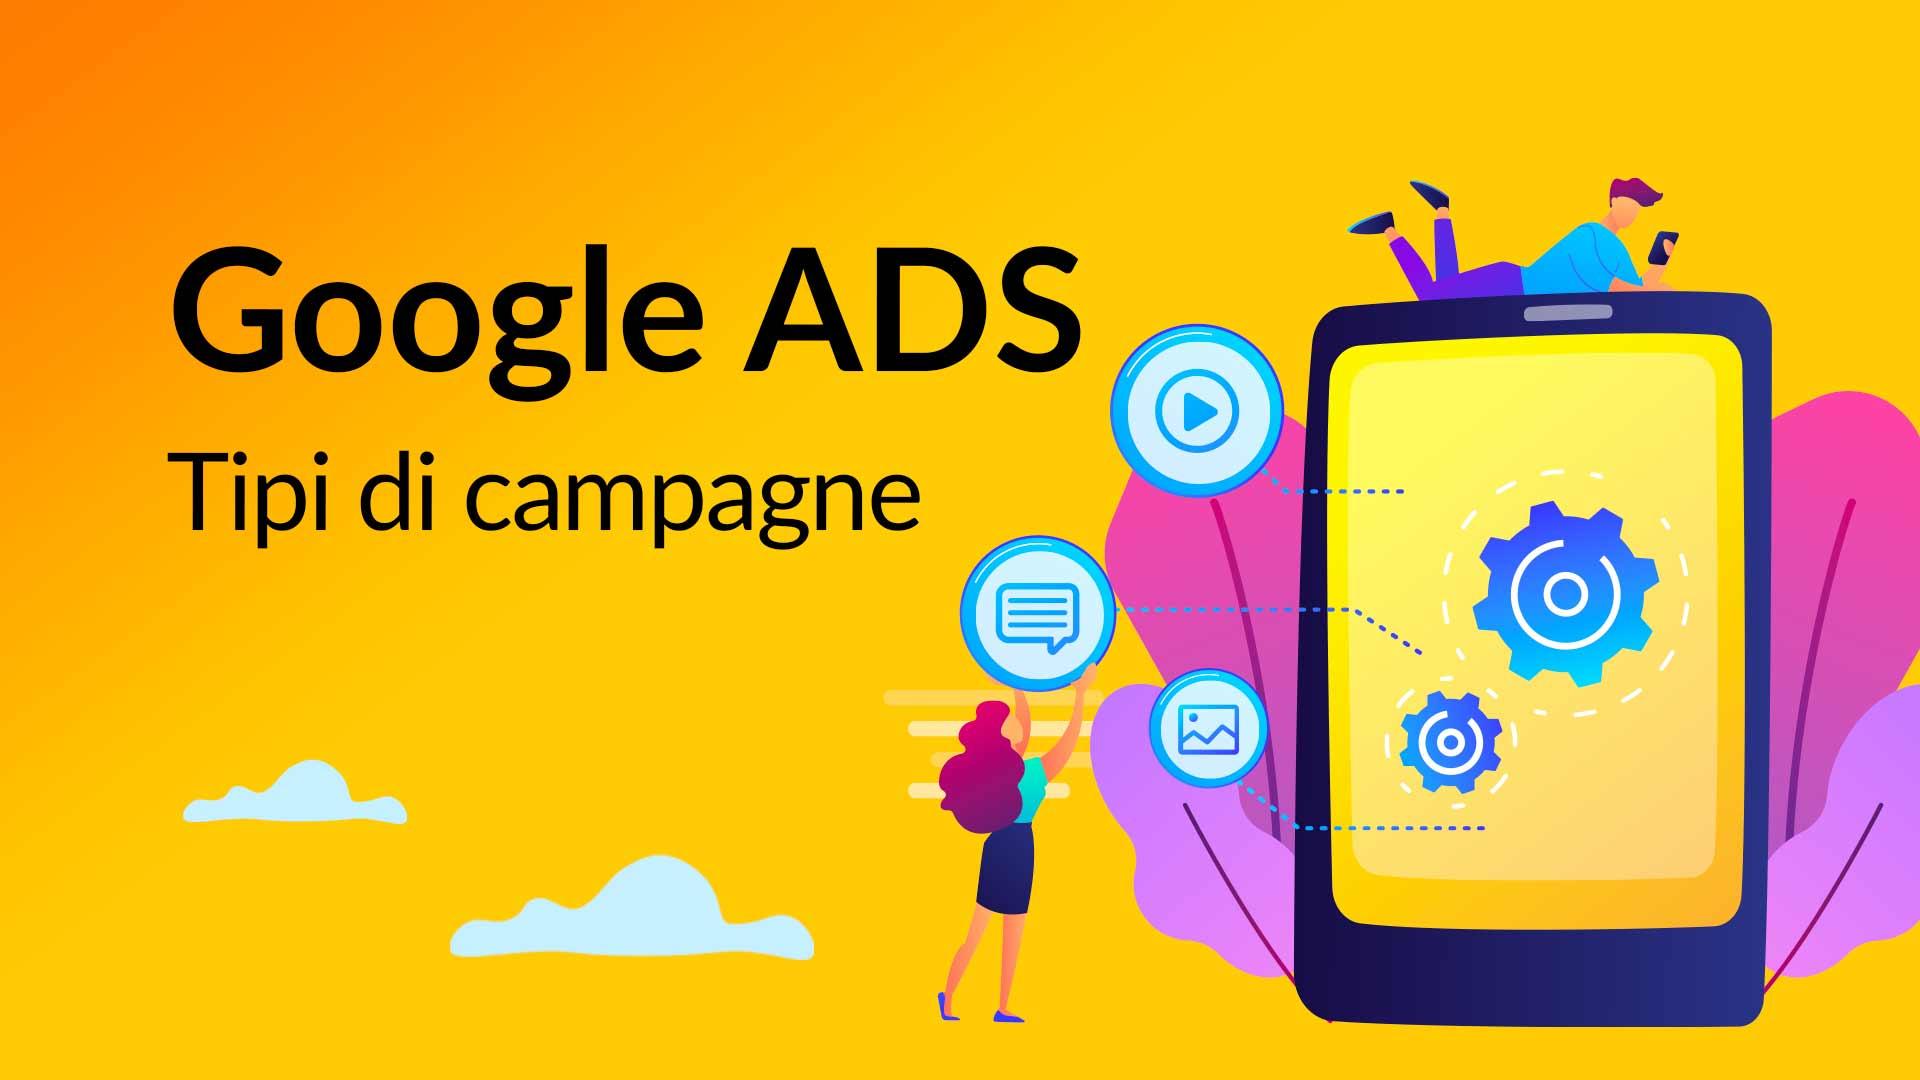 Tipi di campagne Google ADS